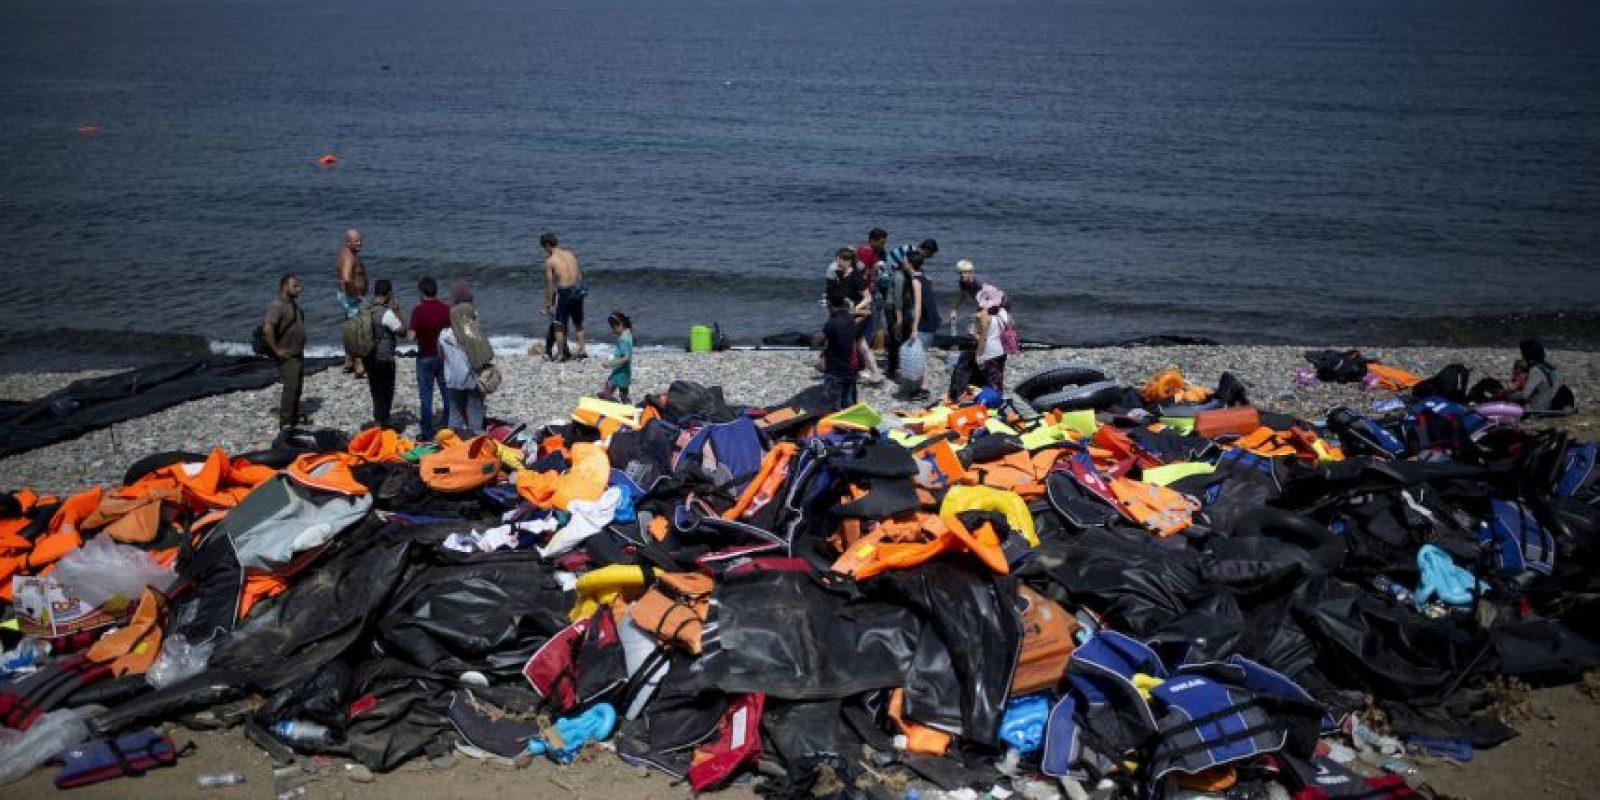 Médicos Sin Fronteras envió una carta abierta en la que pide a la Unión Europea no cerrar sus fronteras. Foto:AFP